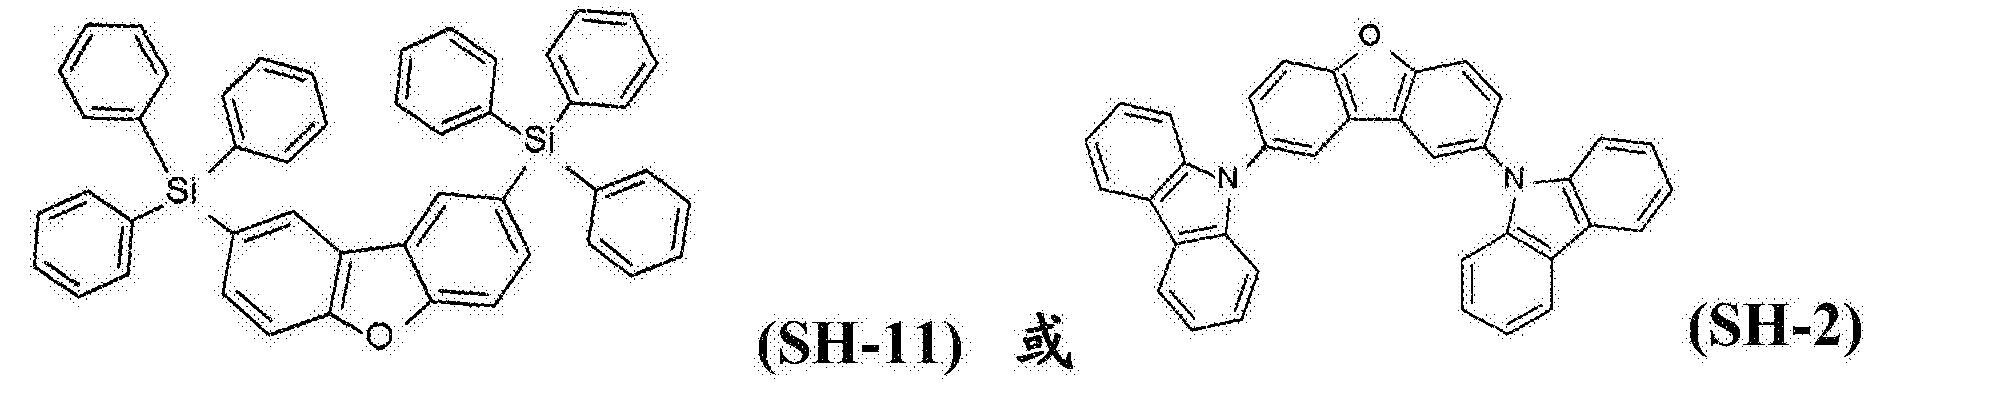 Figure CN105993083BD00642